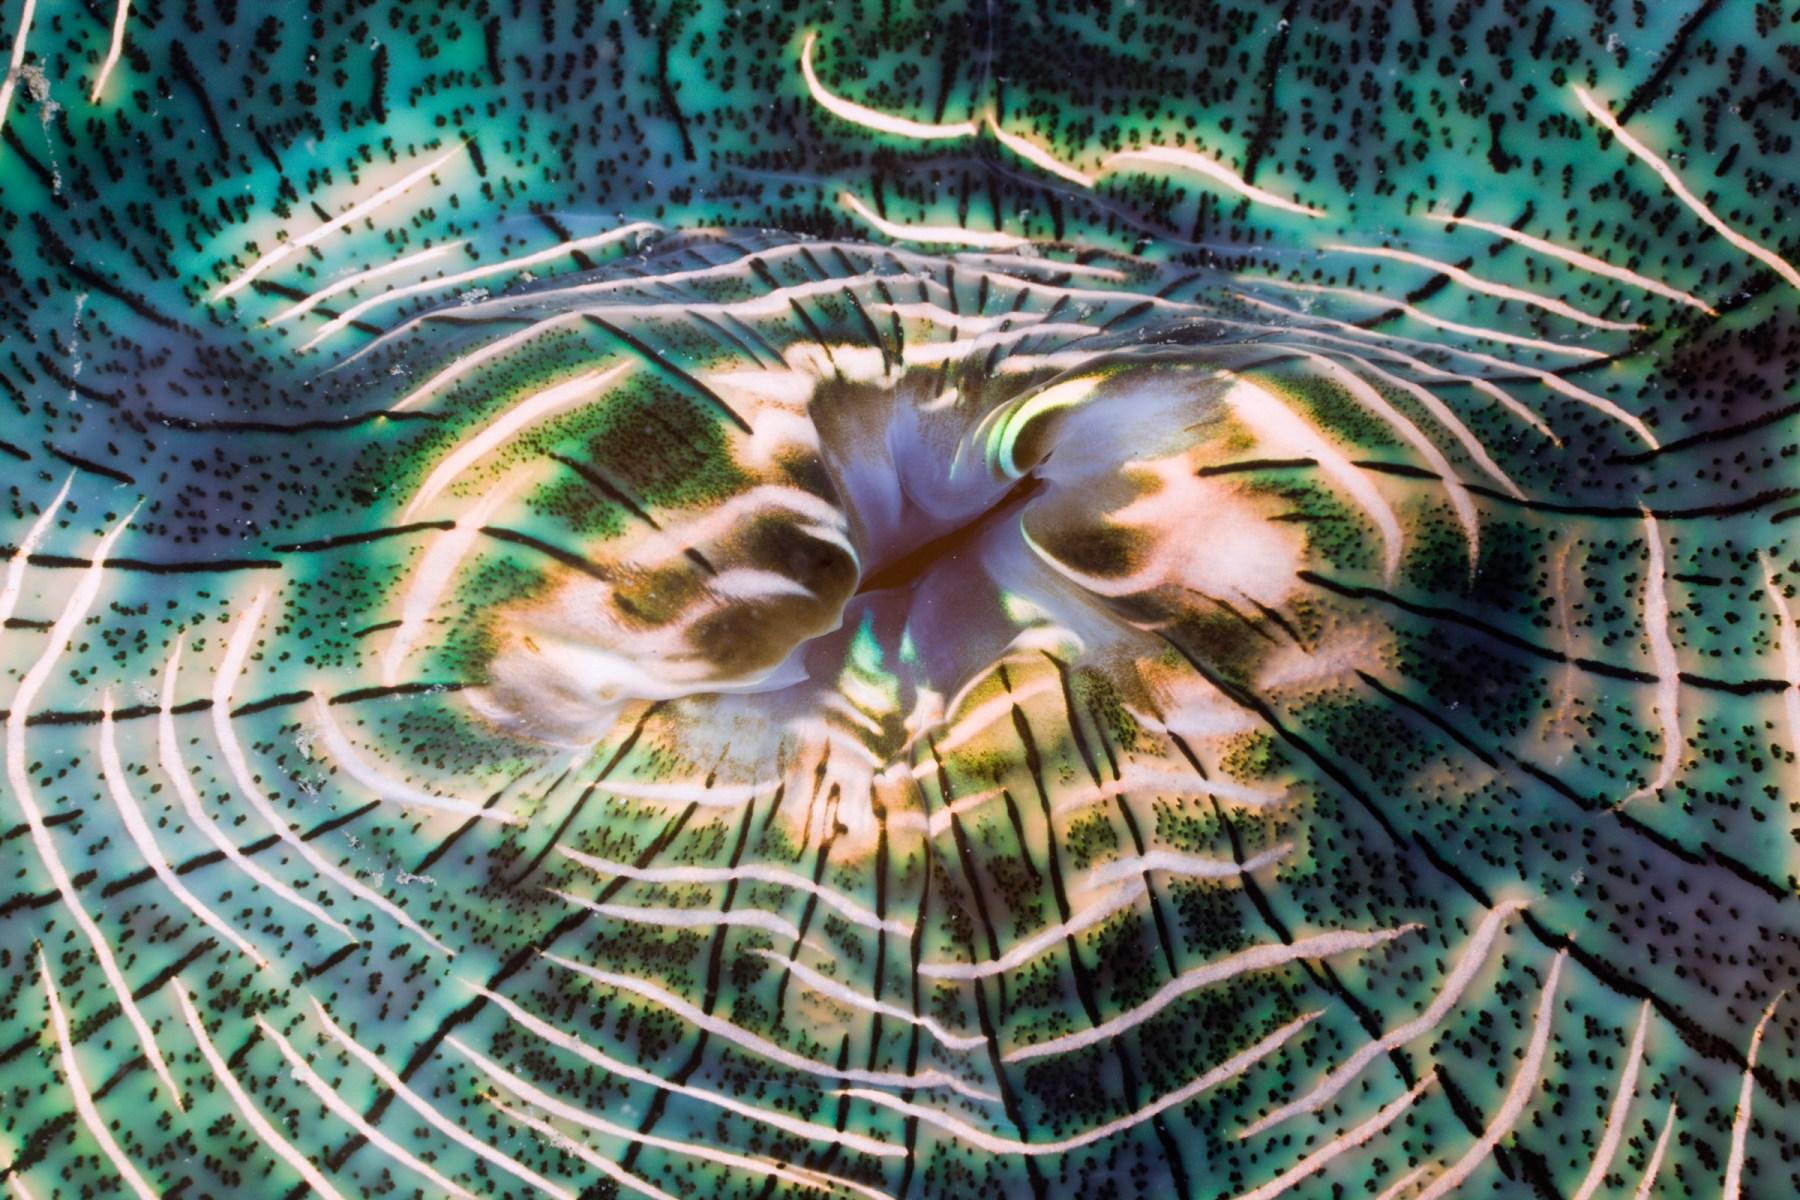 Irisierender Mantel einer Riesen-Muschel, Tridacna Squamosa, Mikronesien, Palau | Iridescent Mantle of Giant Clam, Tridacna Squamosa, Micronesia, Palau